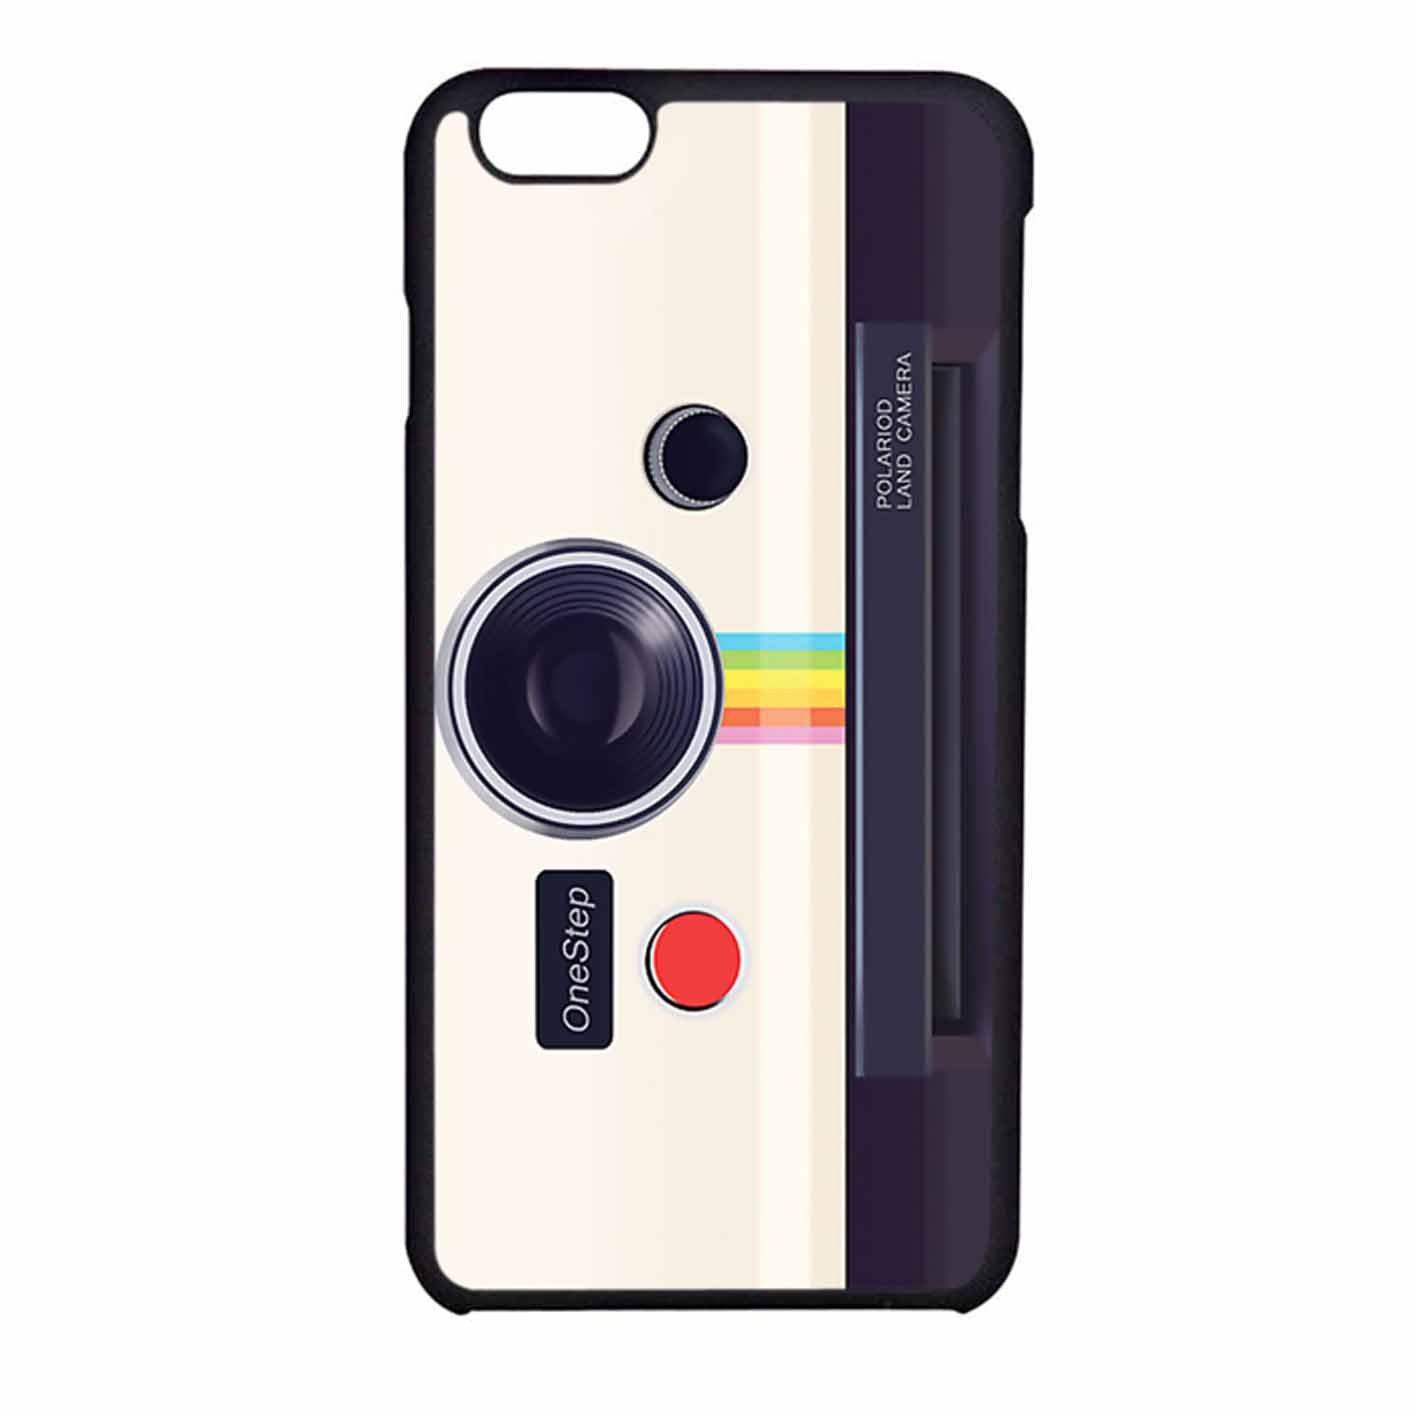 factory authentic 52939 663f2 Polaroid Land Camera iPhone 6 Case / iPhone 6s Case Black Plastic ...